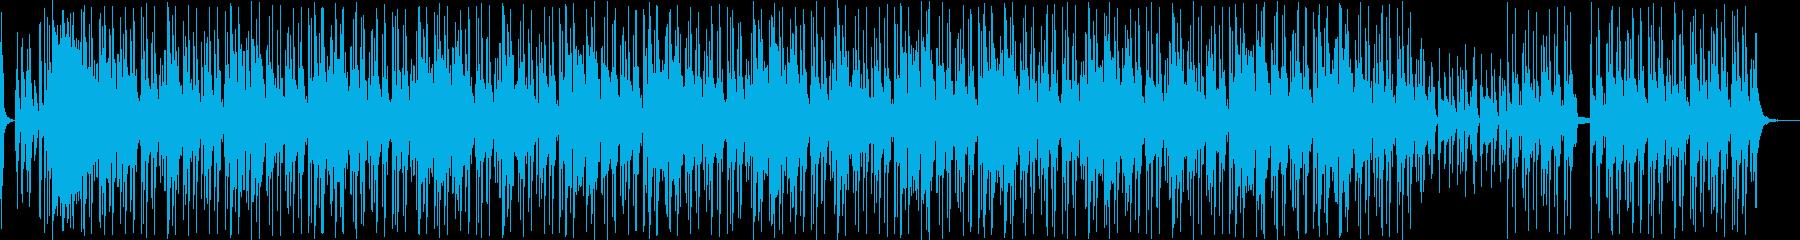 ドッキリ大成功な明るいラテンの再生済みの波形